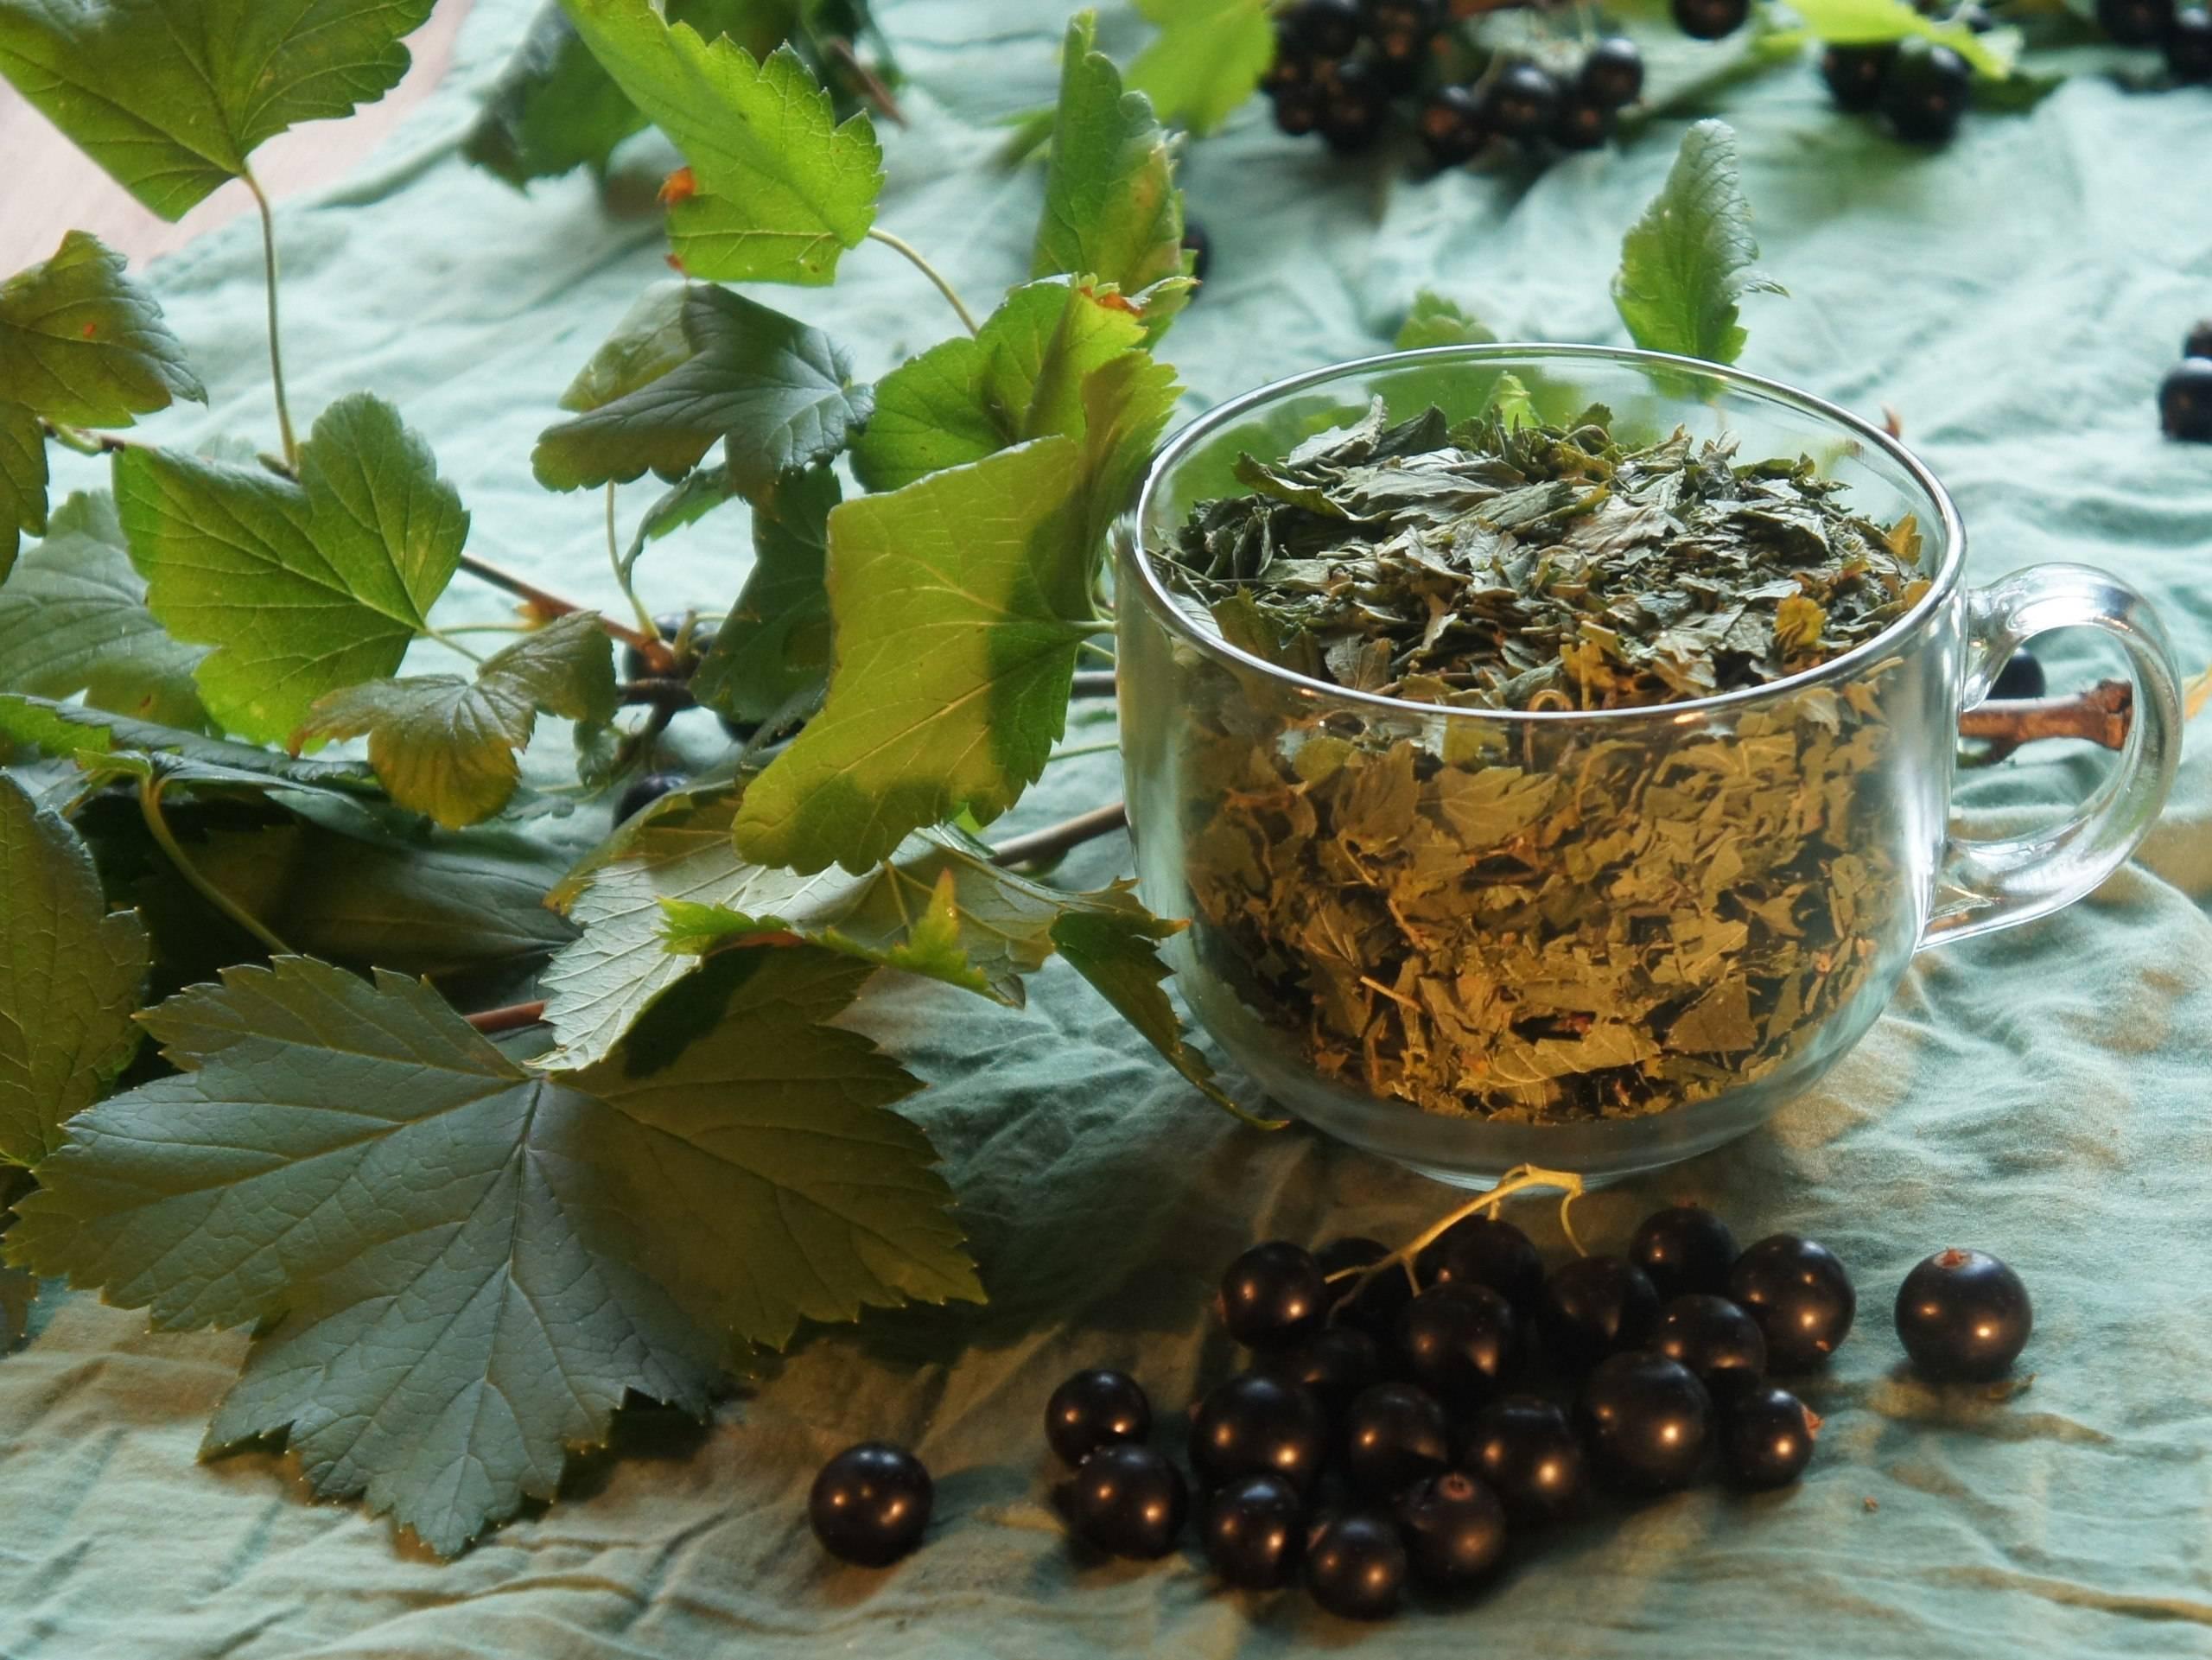 Чем полезен чай с листьями смородины? | дары природы.су